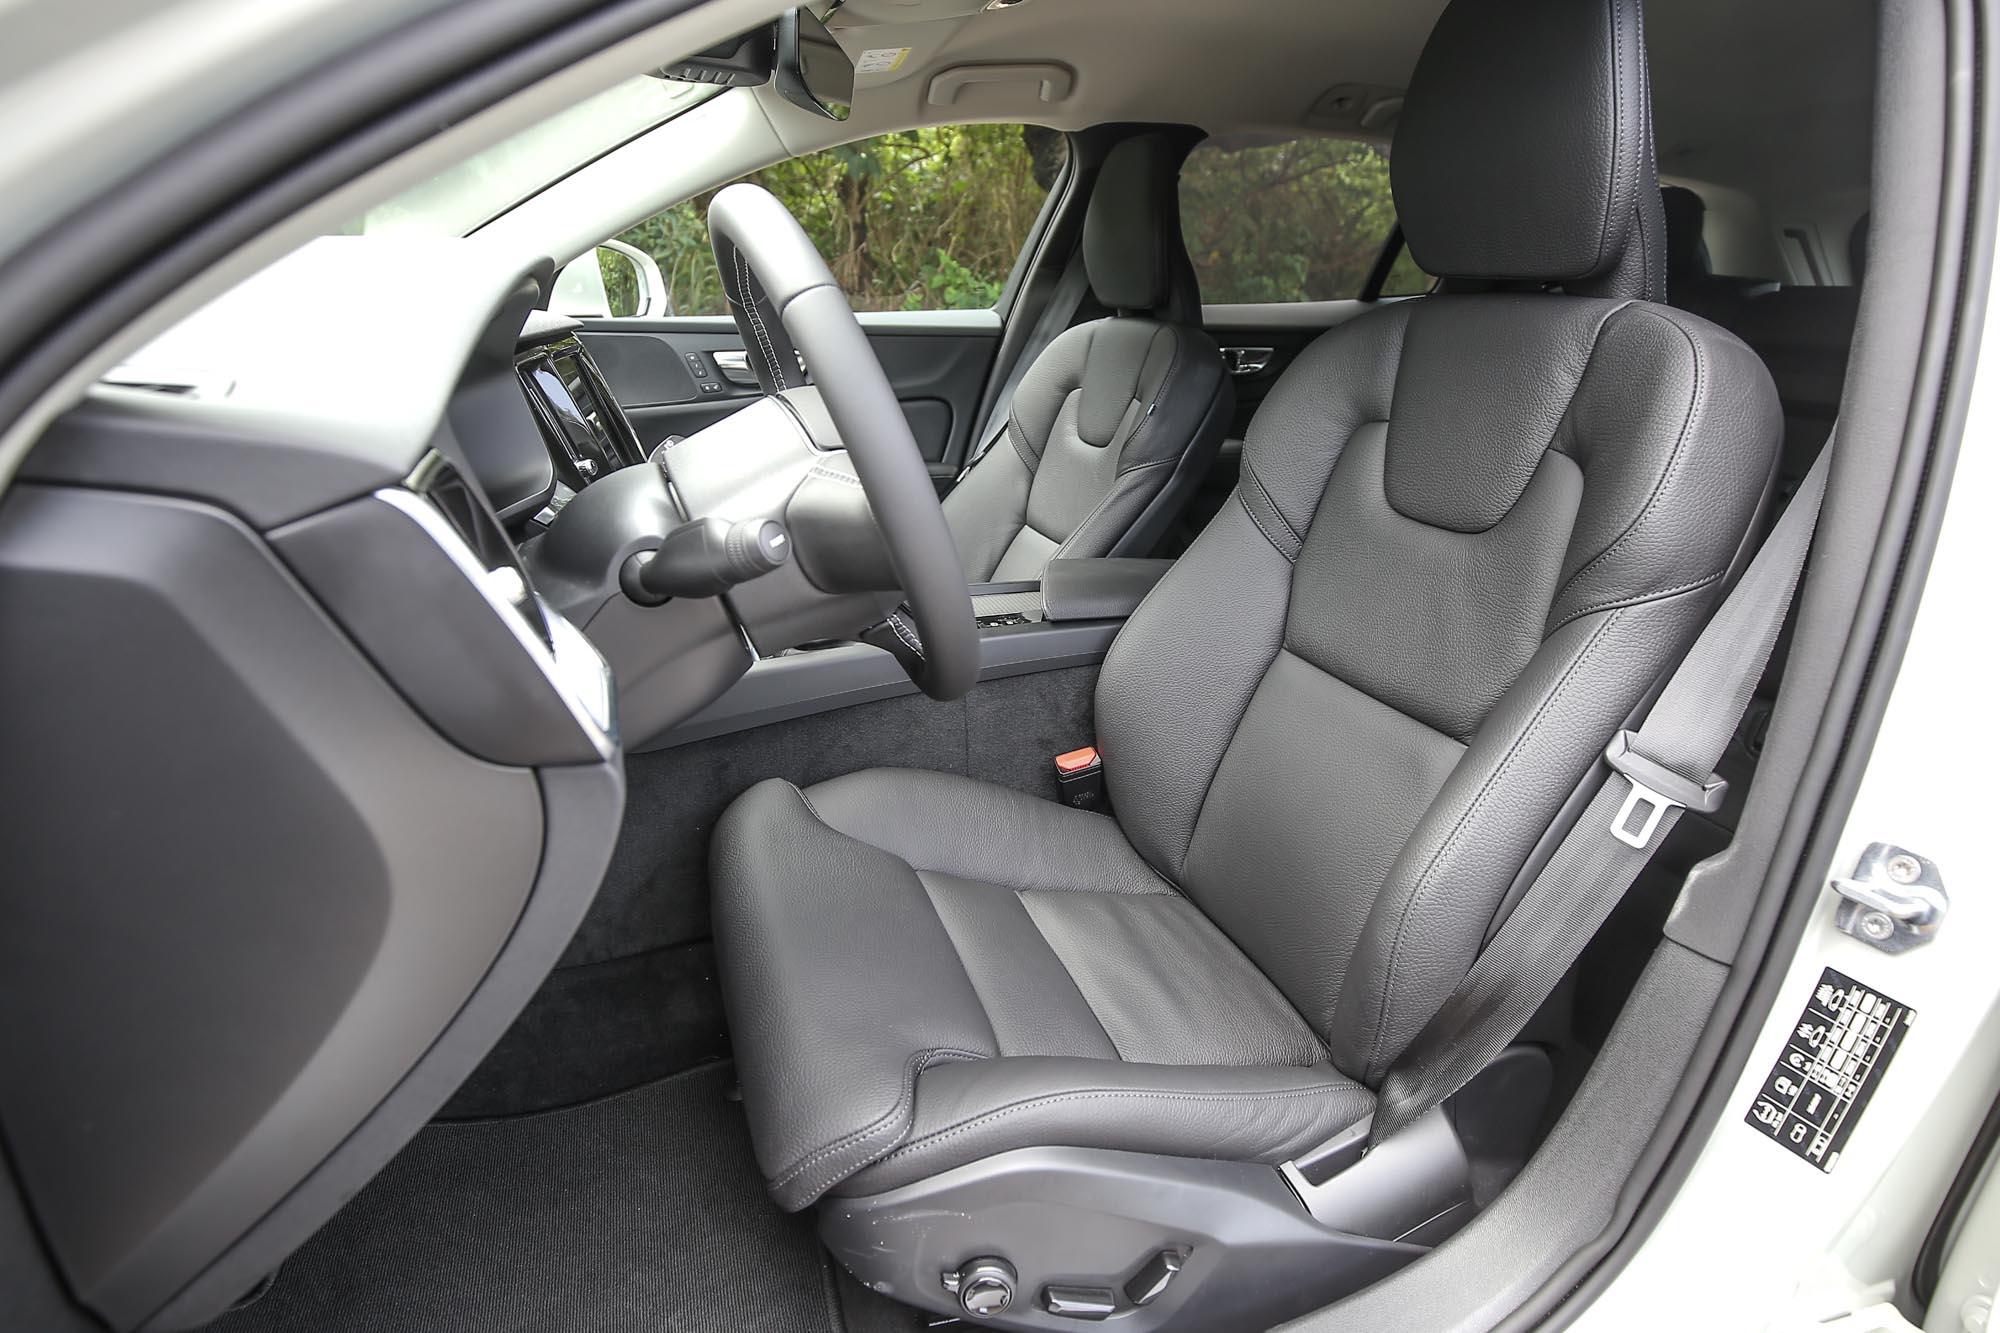 全車皆為真皮舒適型座椅,雙前座並有多向調整電動功能附四向電動腰靠。